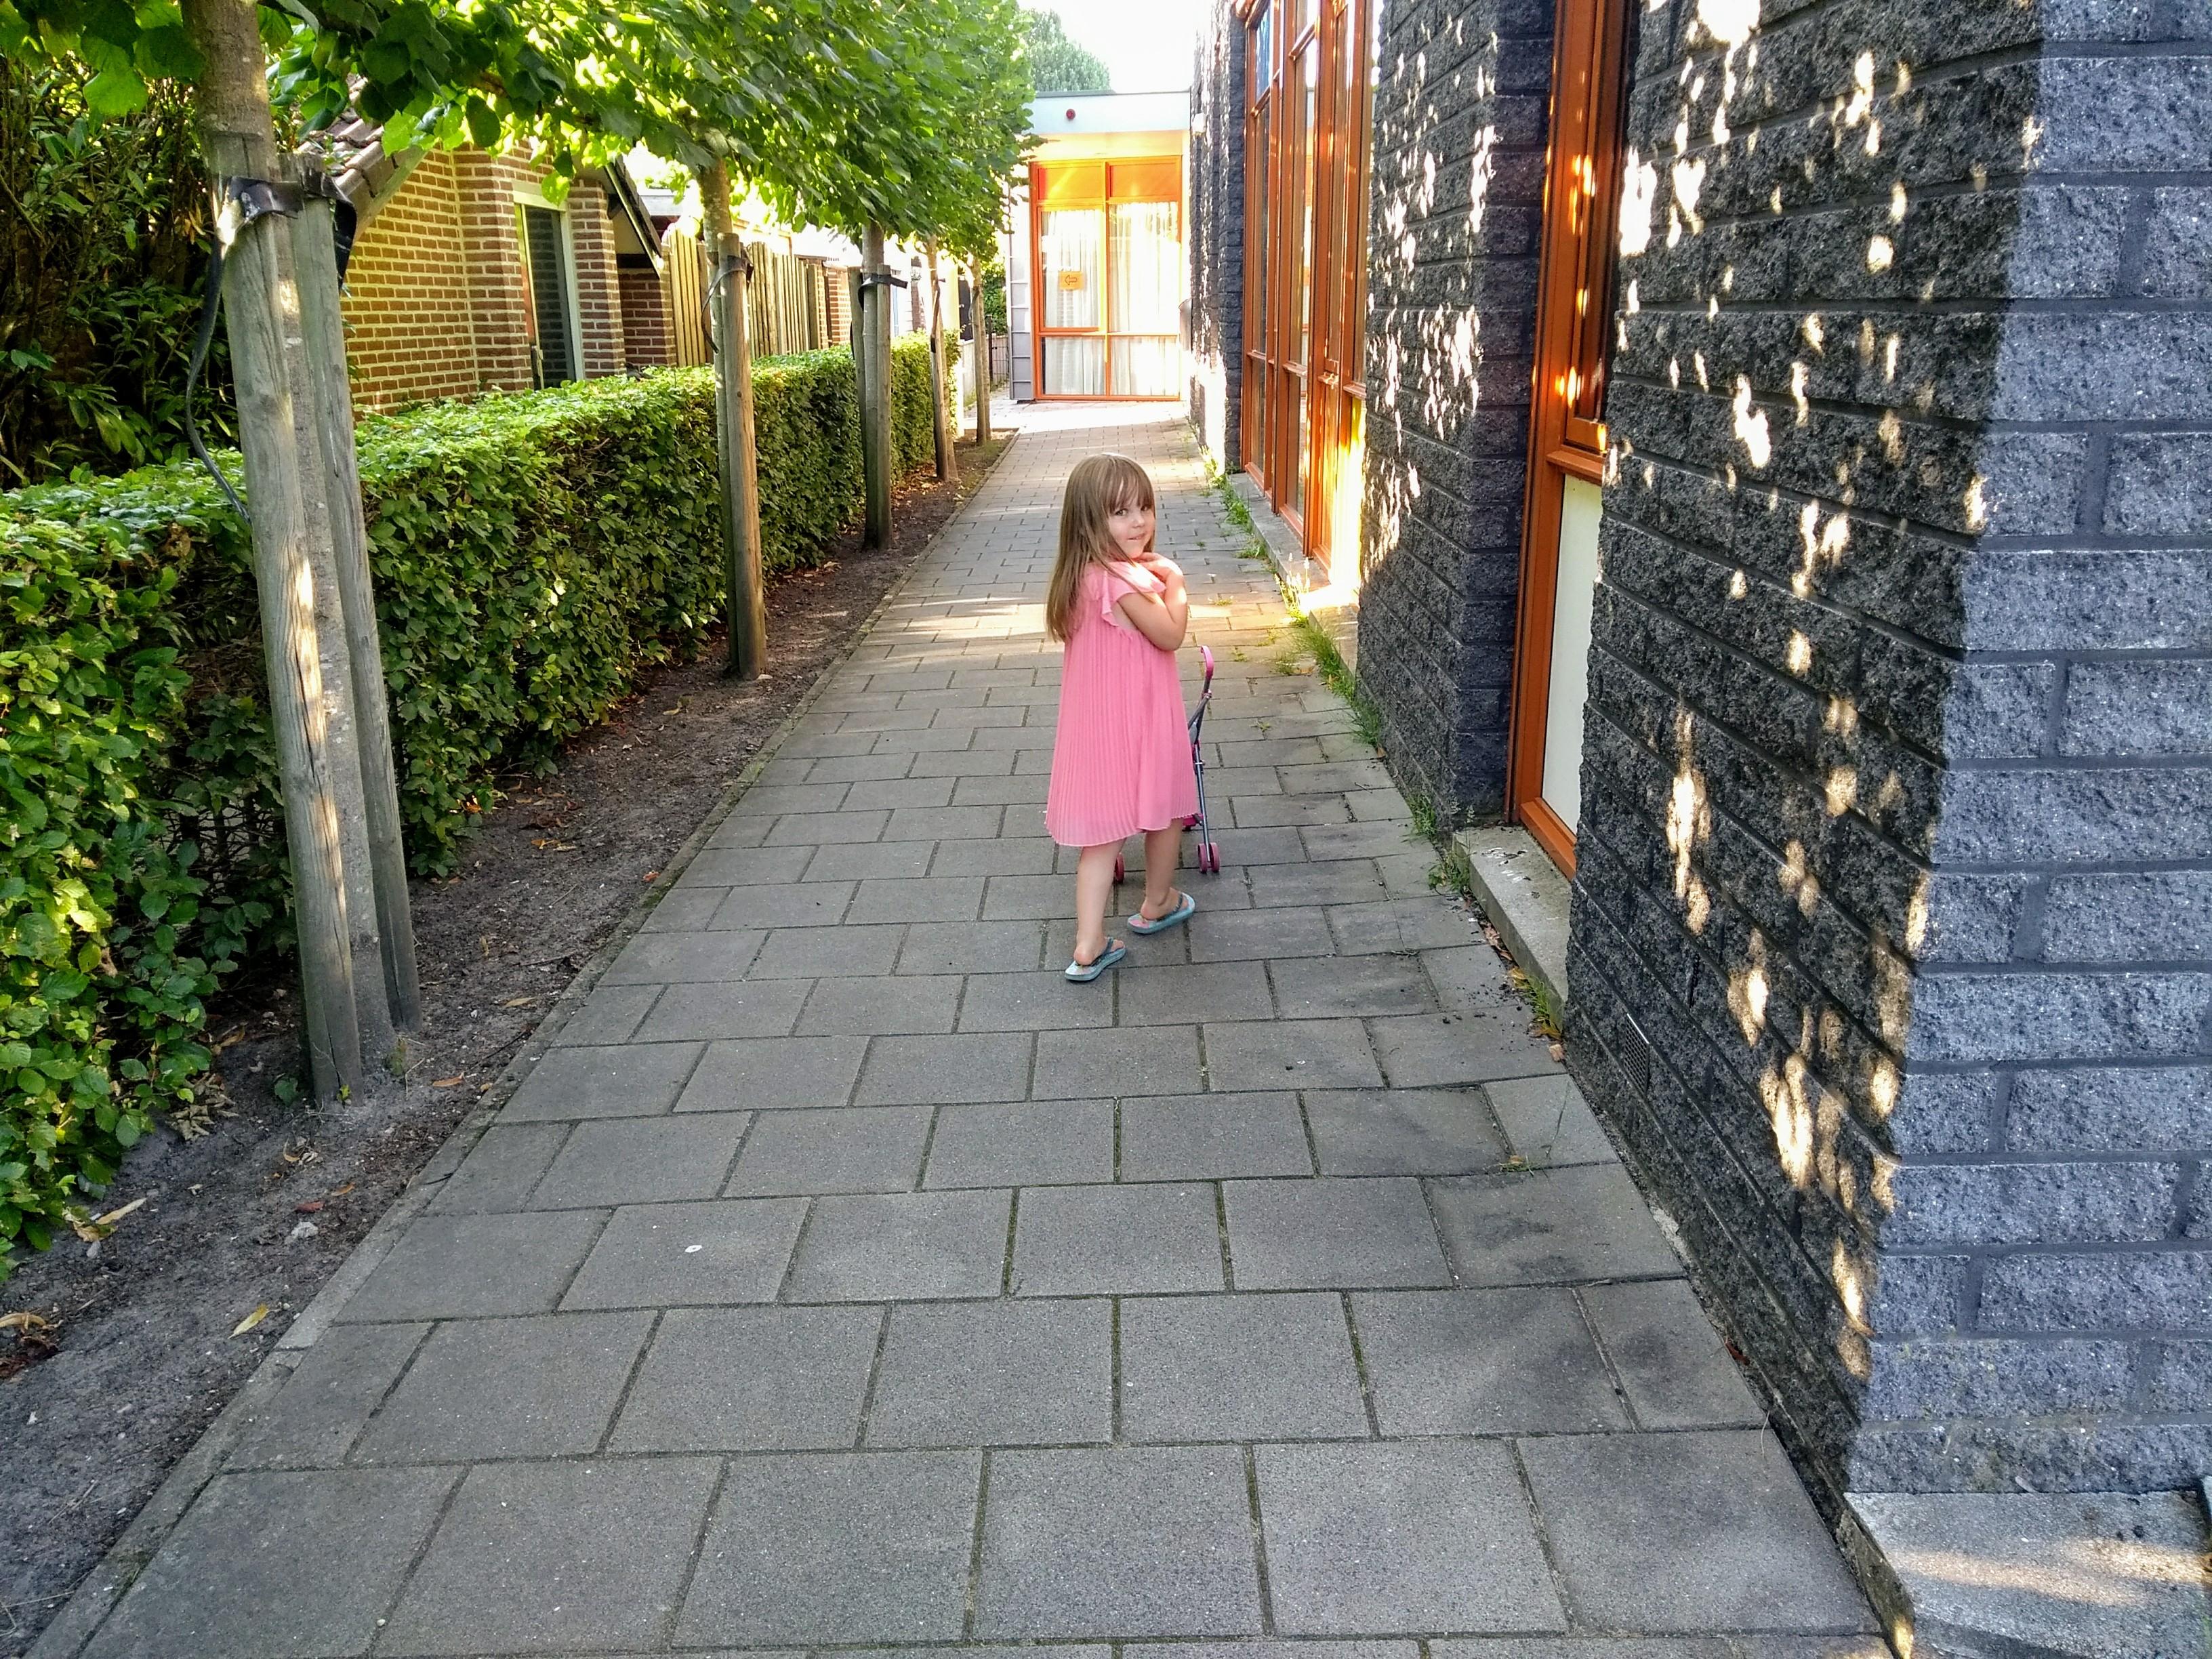 kleuter, kleuterklas, naar de kleuterklas, basisschool, kleuterschool, school, middelste kind, mama van drie, mamablog, mamalifestyle, blog moederschap, lalog.nl, lalogblog